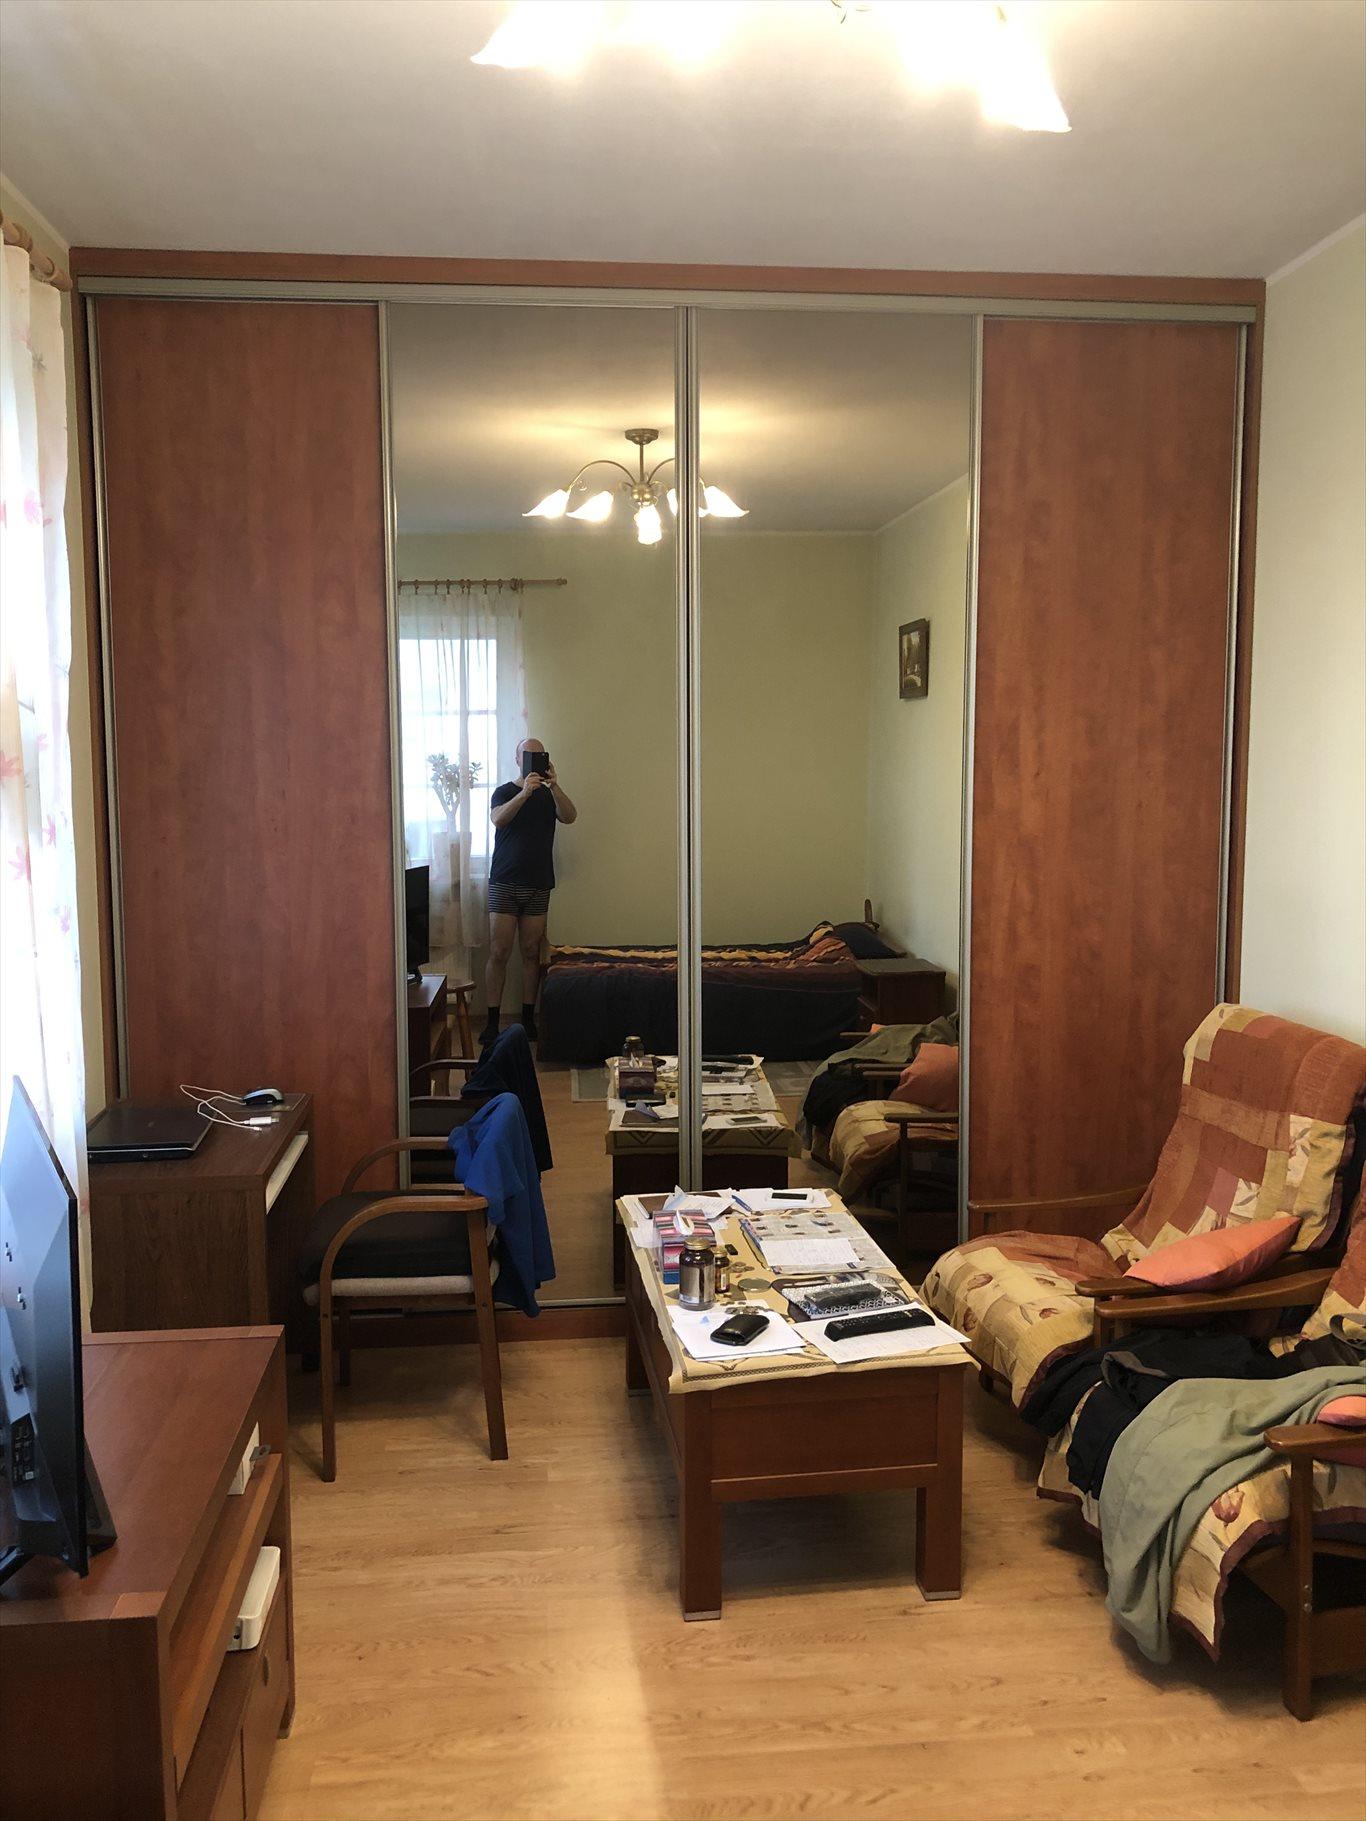 Kawalerka na sprzedaż Warszawa, Praga-Południe, Kamionek, Grochowska 341  37m2 Foto 12